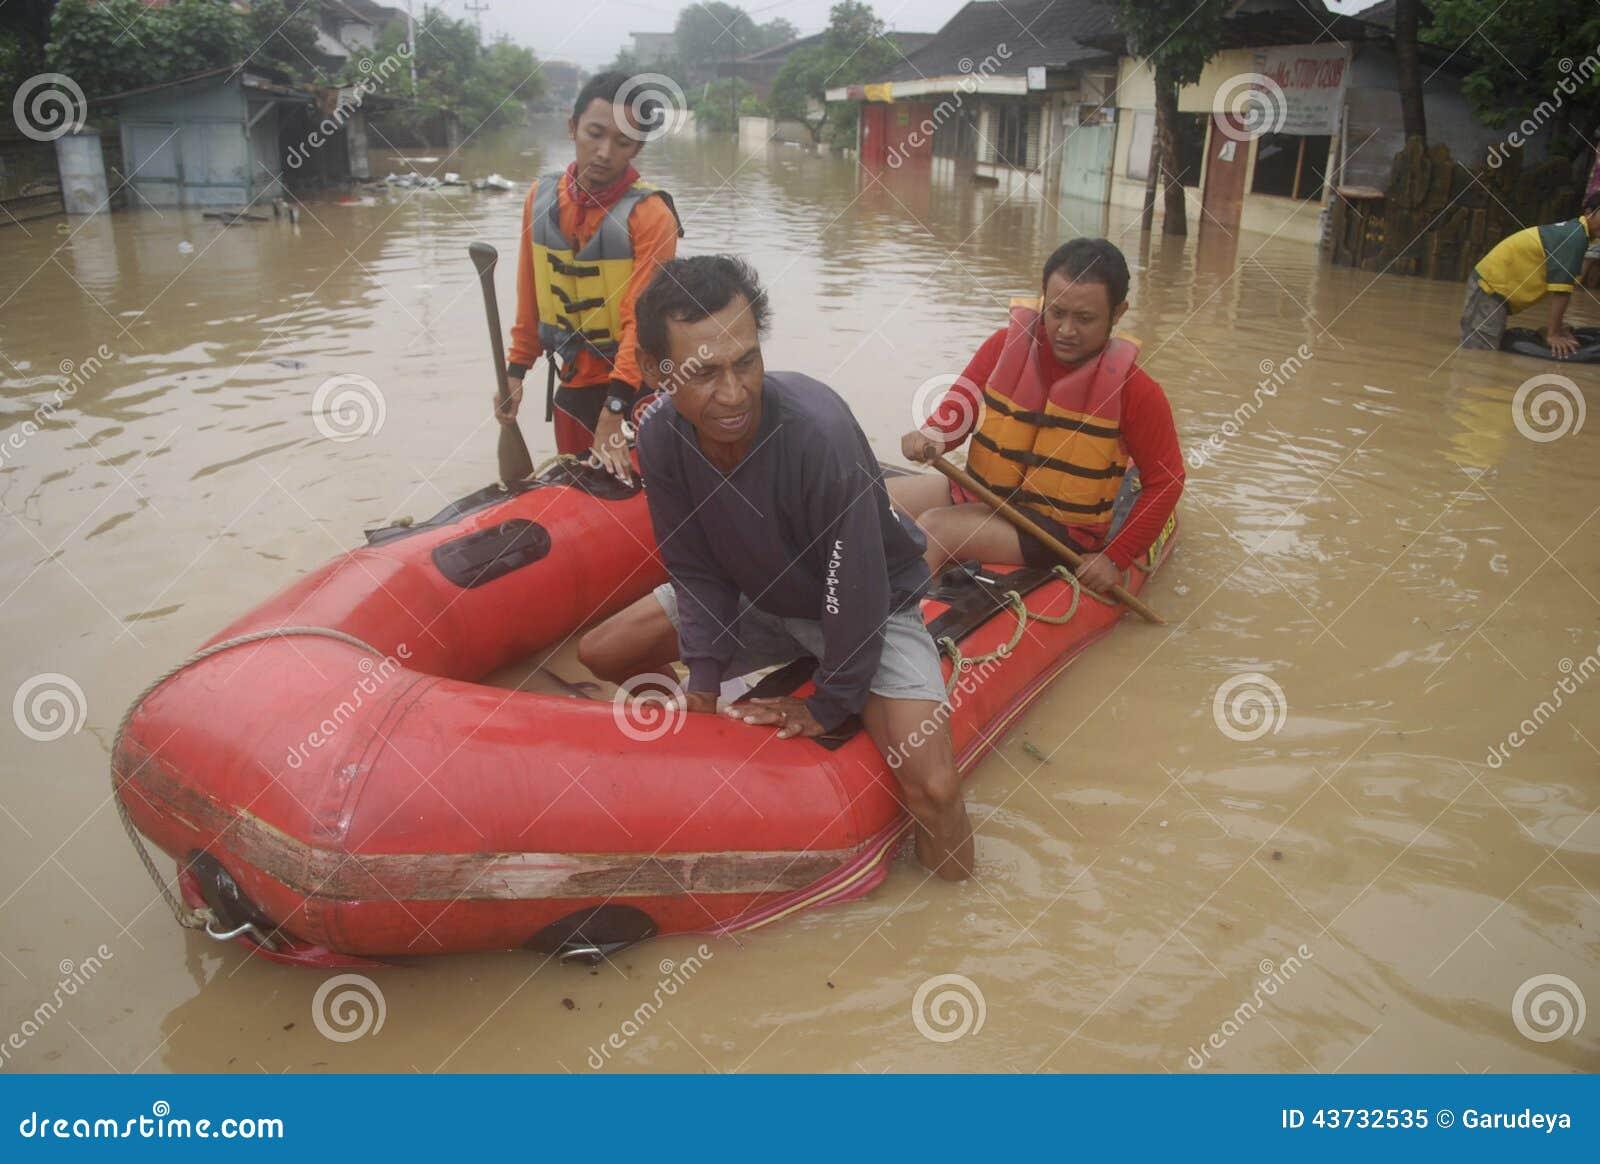 scene of flood